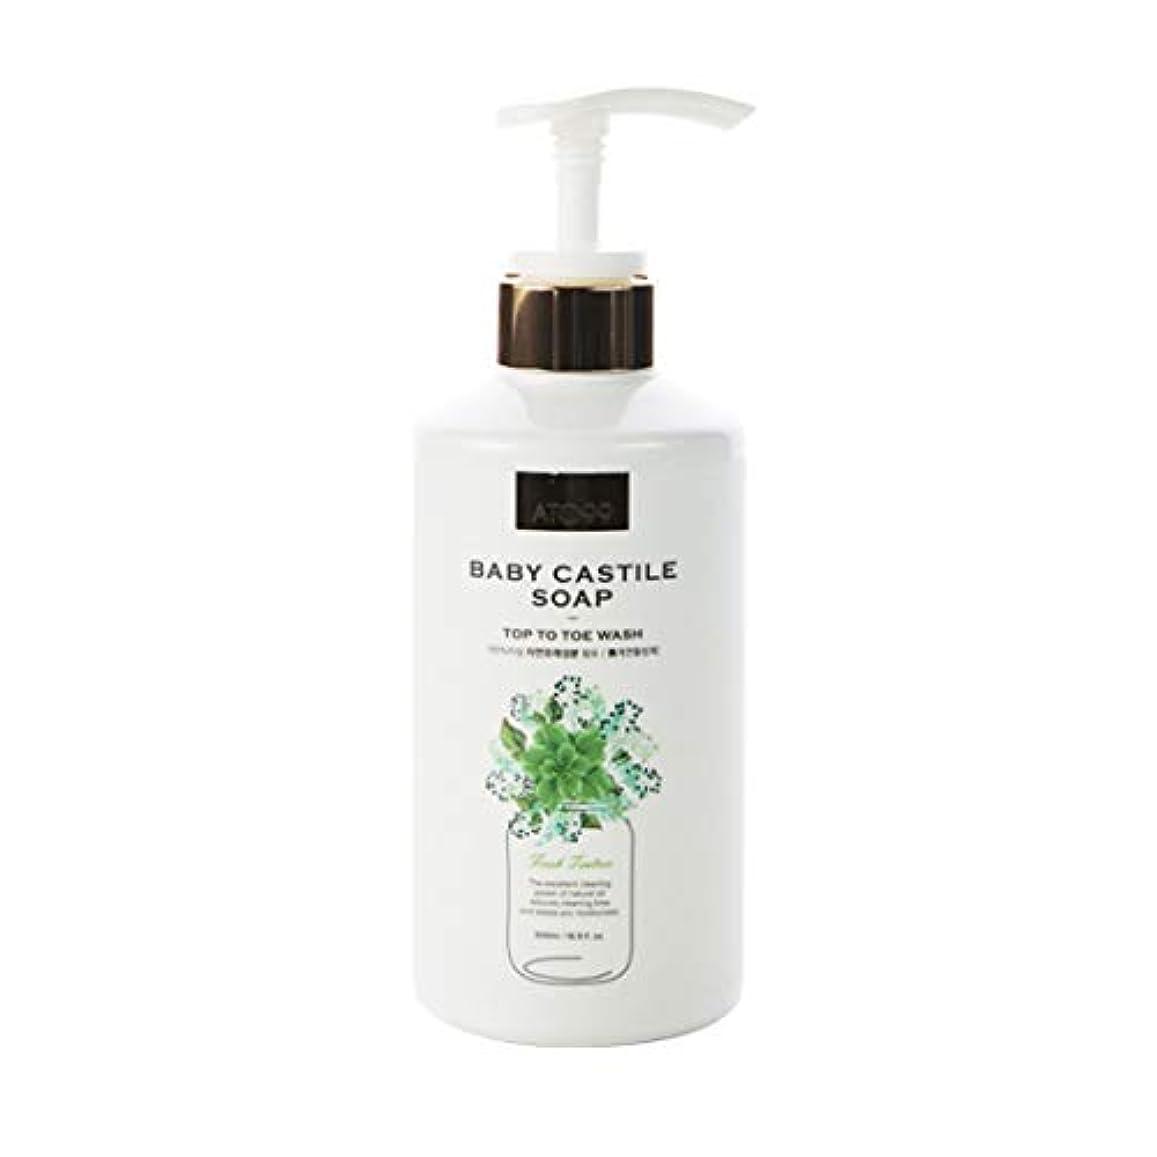 スポンサーマダム想像力豊かな[ATO99] 赤ちゃんカスティール石鹸500ml一体となってマルチクランサー界面活性剤フリー天然成分90%以上強力な保湿乾性皮膚用すべての年齢帯使用可能 (Cypress)